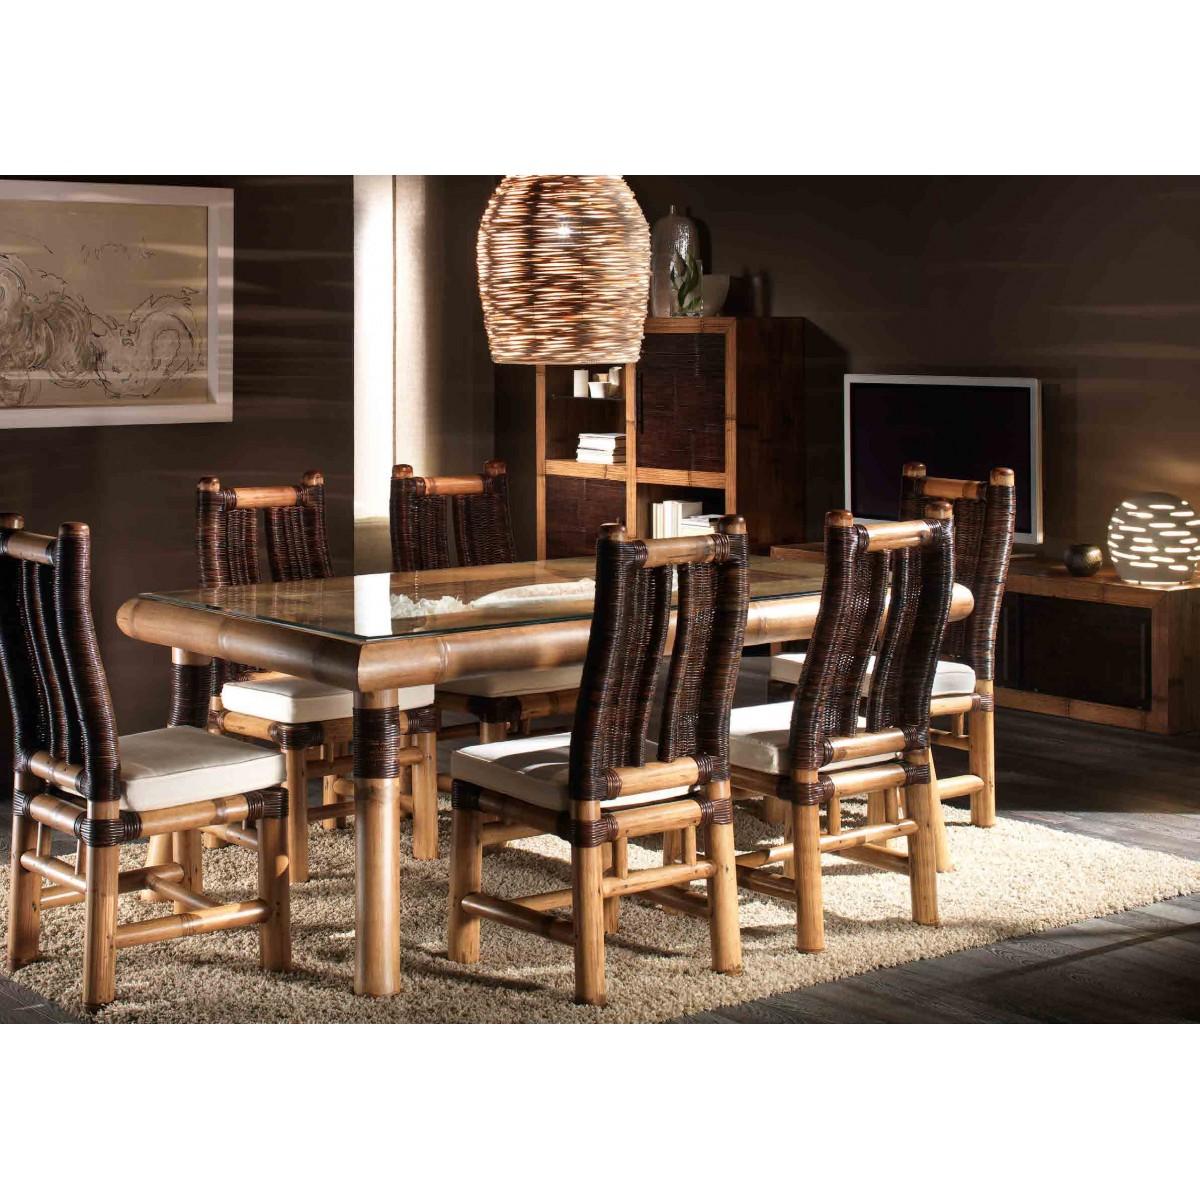 Tavolo in bambù con rifiniture in croco piano in vetro, sedie in bambù con intreccio in croco cuscino rimovibile